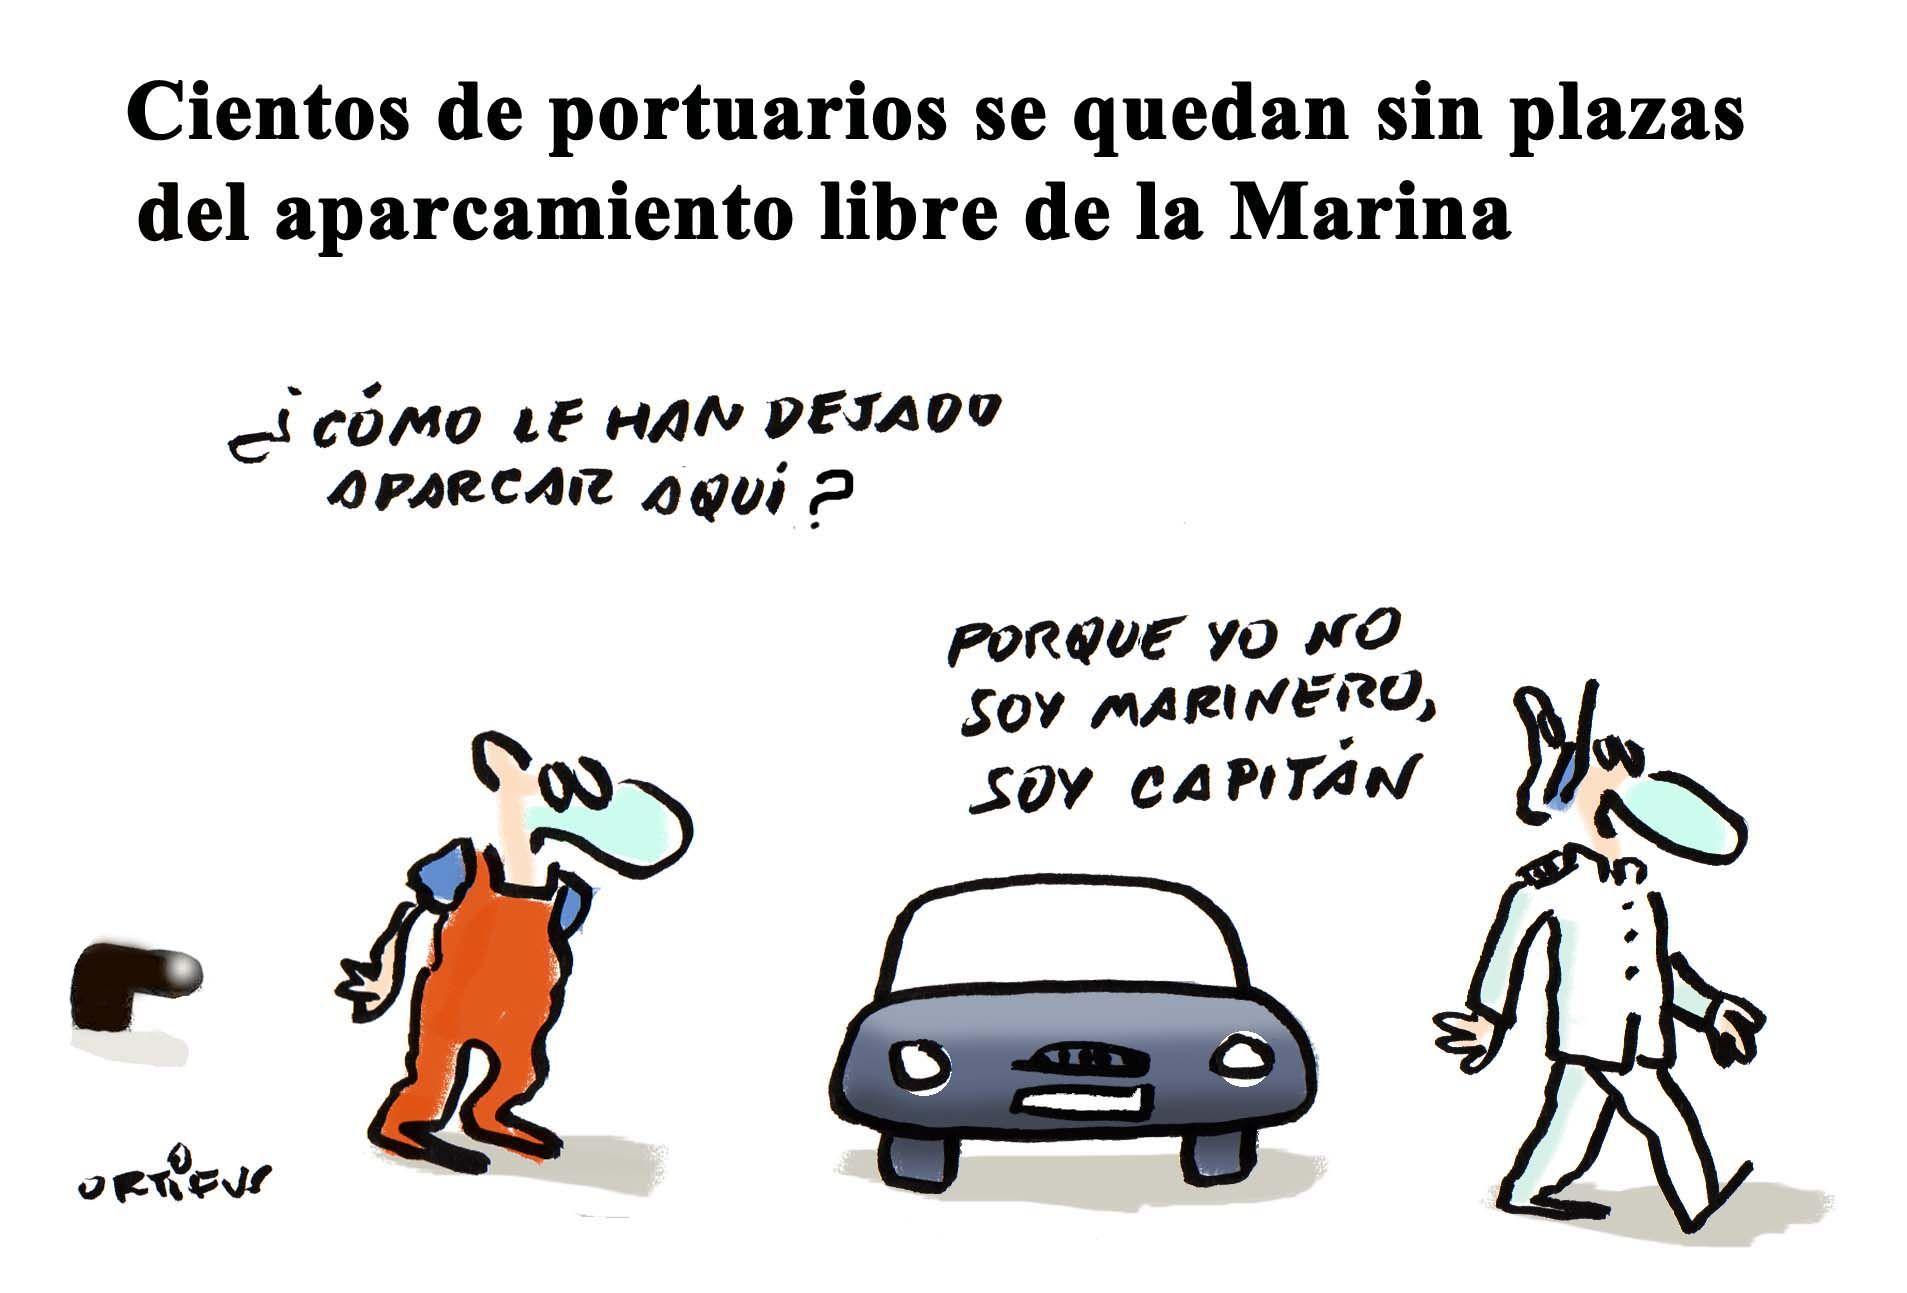 Cientos de portuarios se quedan sin plazas del aparcamiento libre de la Marina